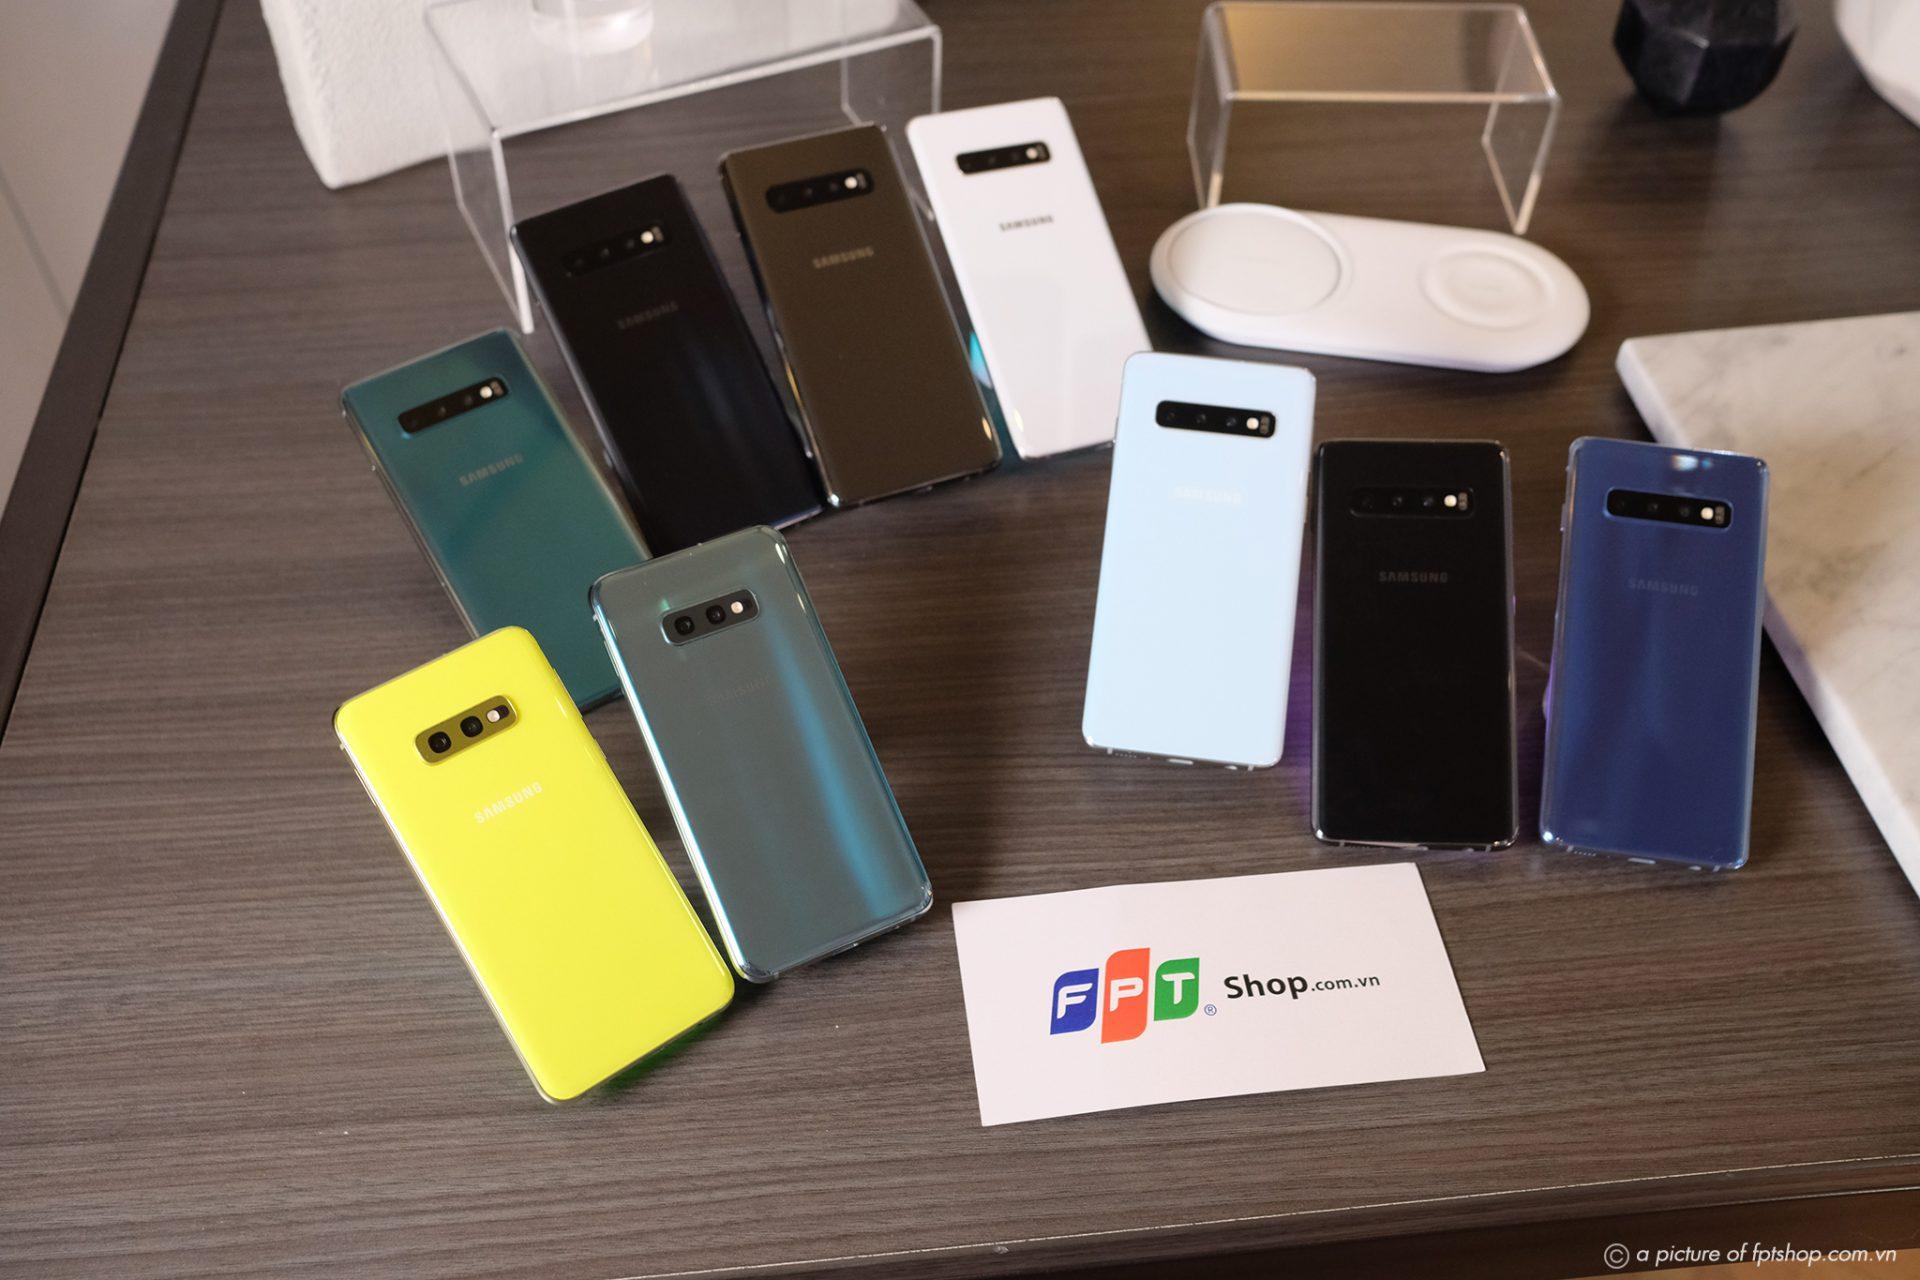 Đặt trước Galaxy S10 | S10+ tại FPT Shop, nhận ngay bộ quà tặng 6 triệu, trợ giá đến 5,2 triệu và có cơ hội trúng 2 tỷ tiền mặt